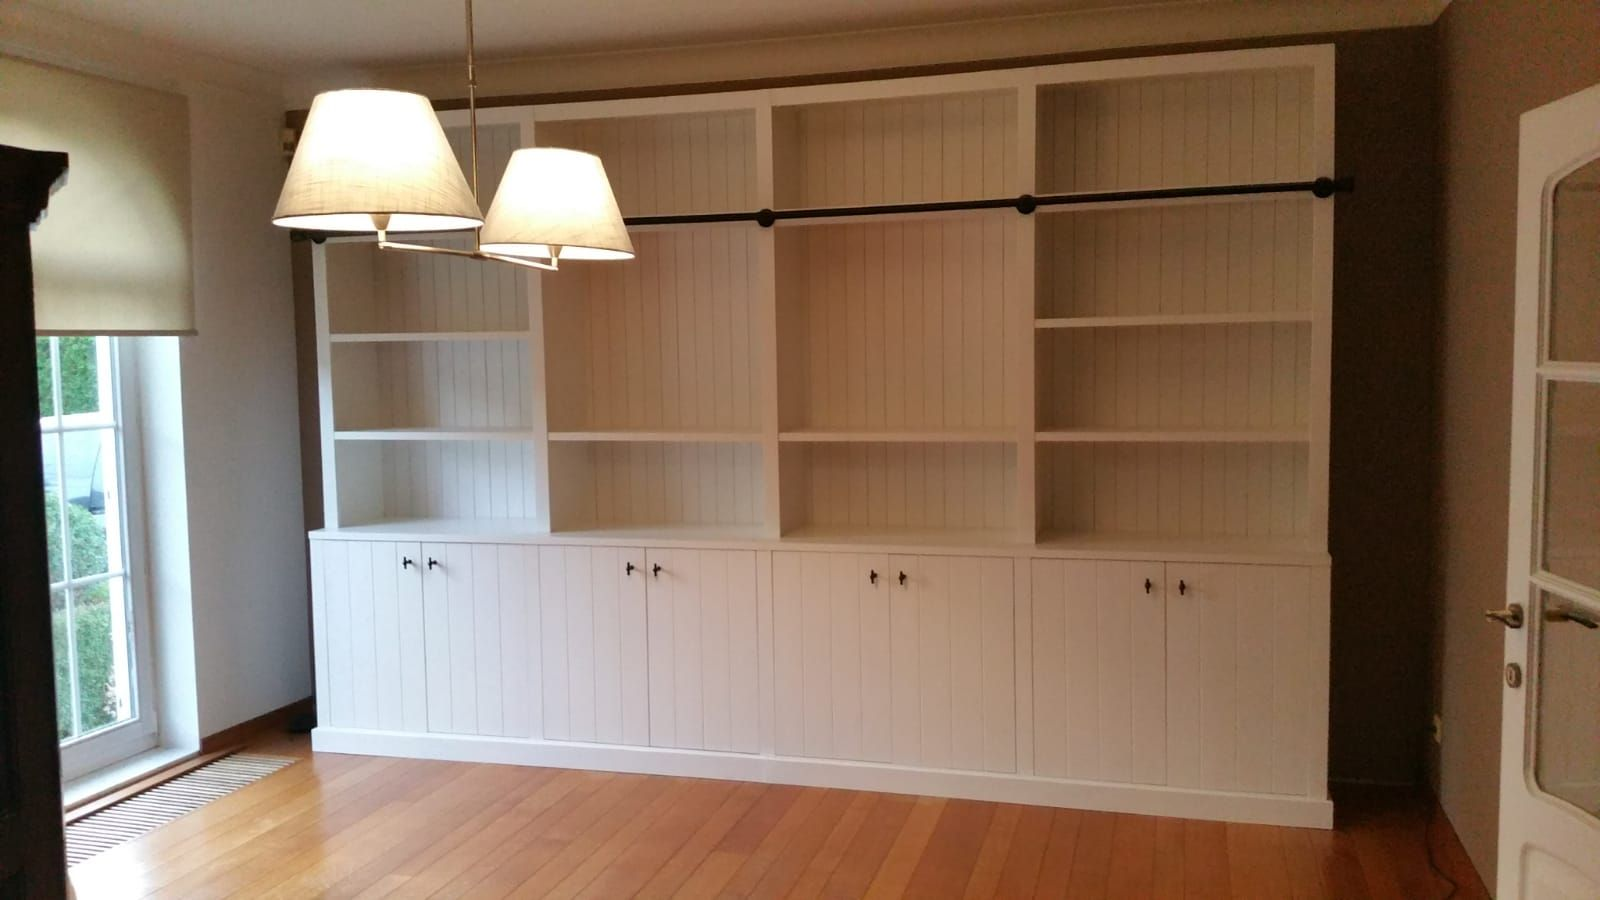 boekenkast op maat met landelijke afwerking gecombineerd met een moderne belijning boekenkastopmaat vitrinekastopmaat